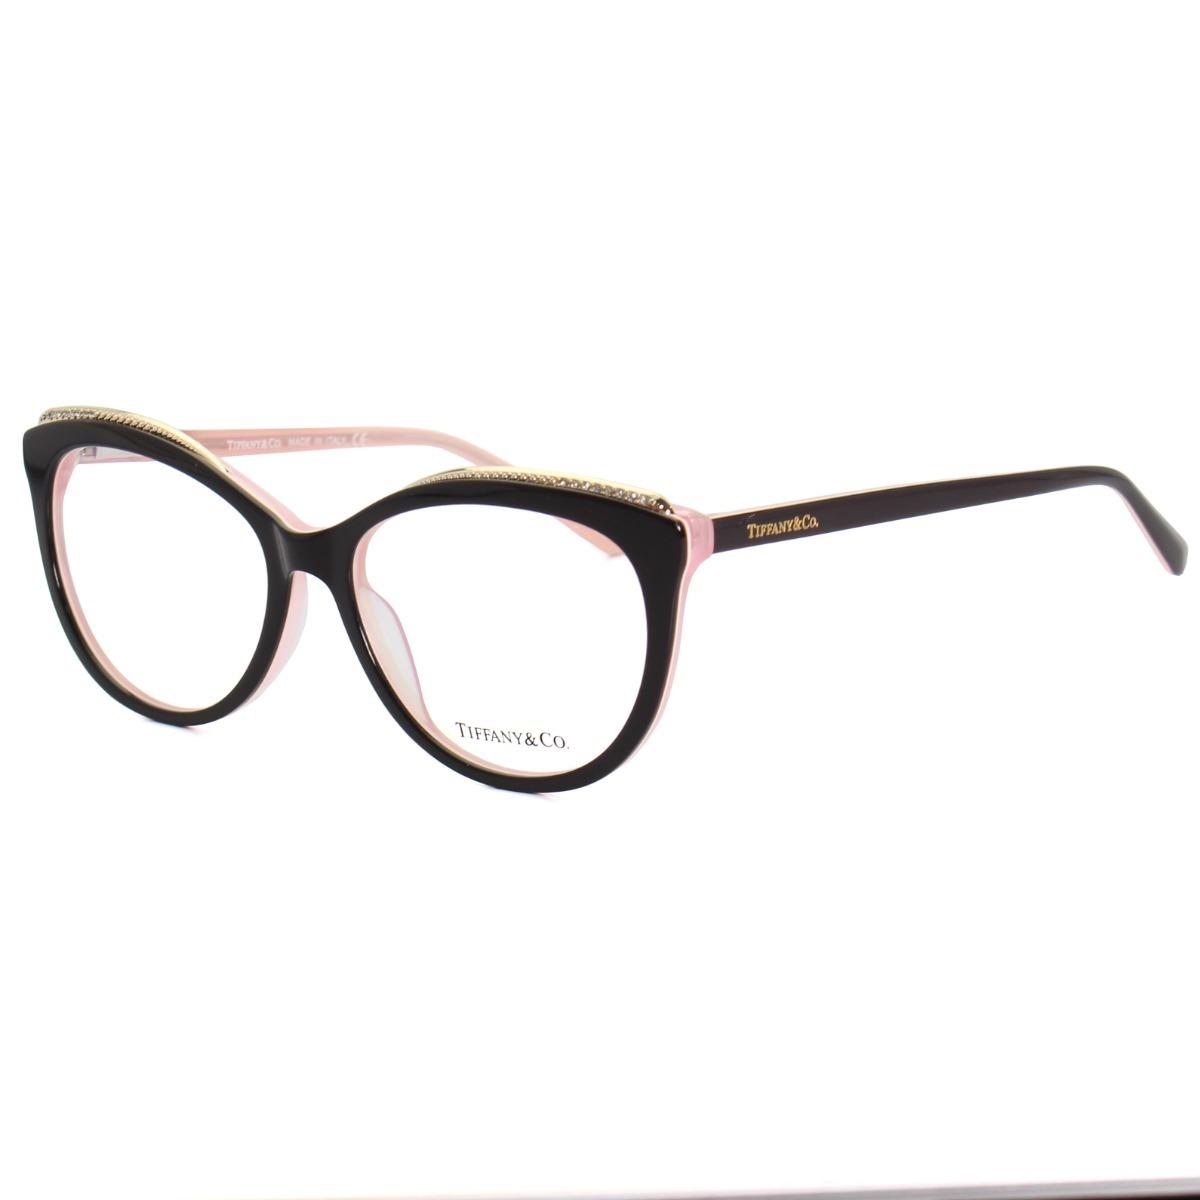 c025741528246 armação de grau - tiffany   co. gatinho - tf2147 oculos. Carregando zoom.